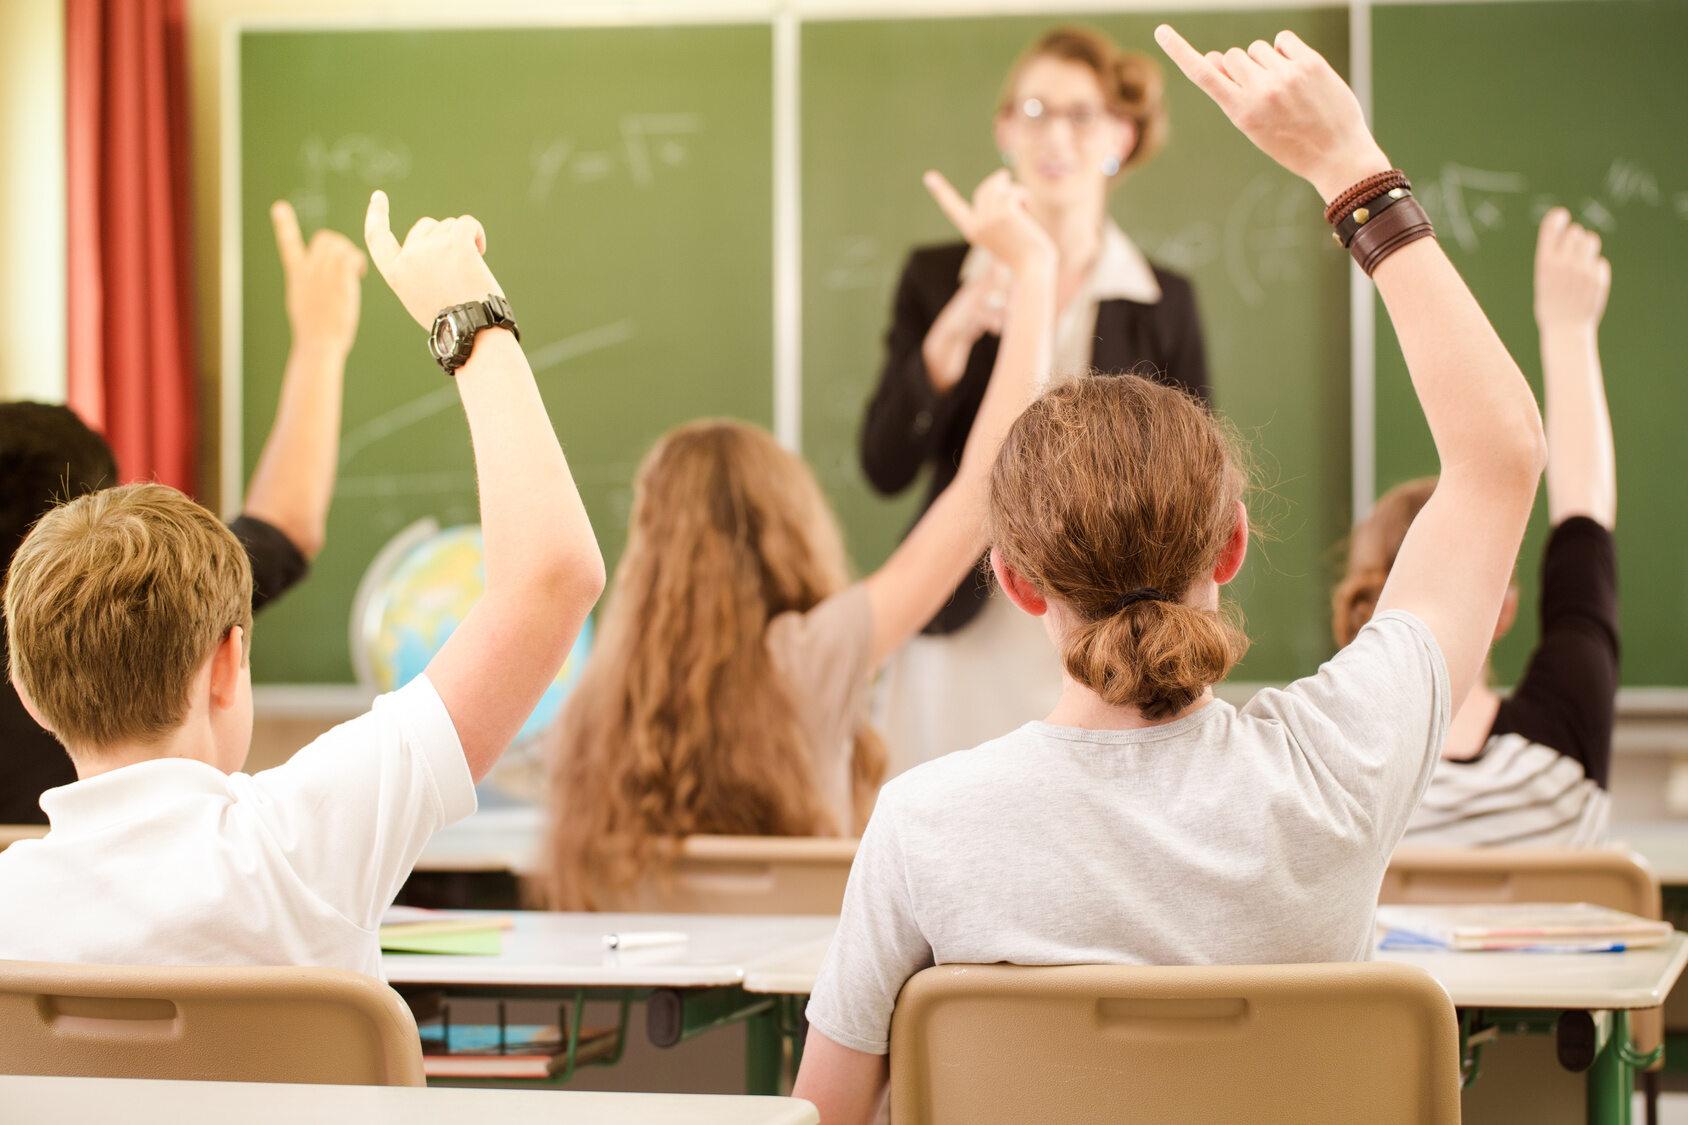 Na poniedziałek 8 kwietnia strajk zapowiadają nauczyciele. Protestować zamierza także inna grupa społeczna. O kim mowa?